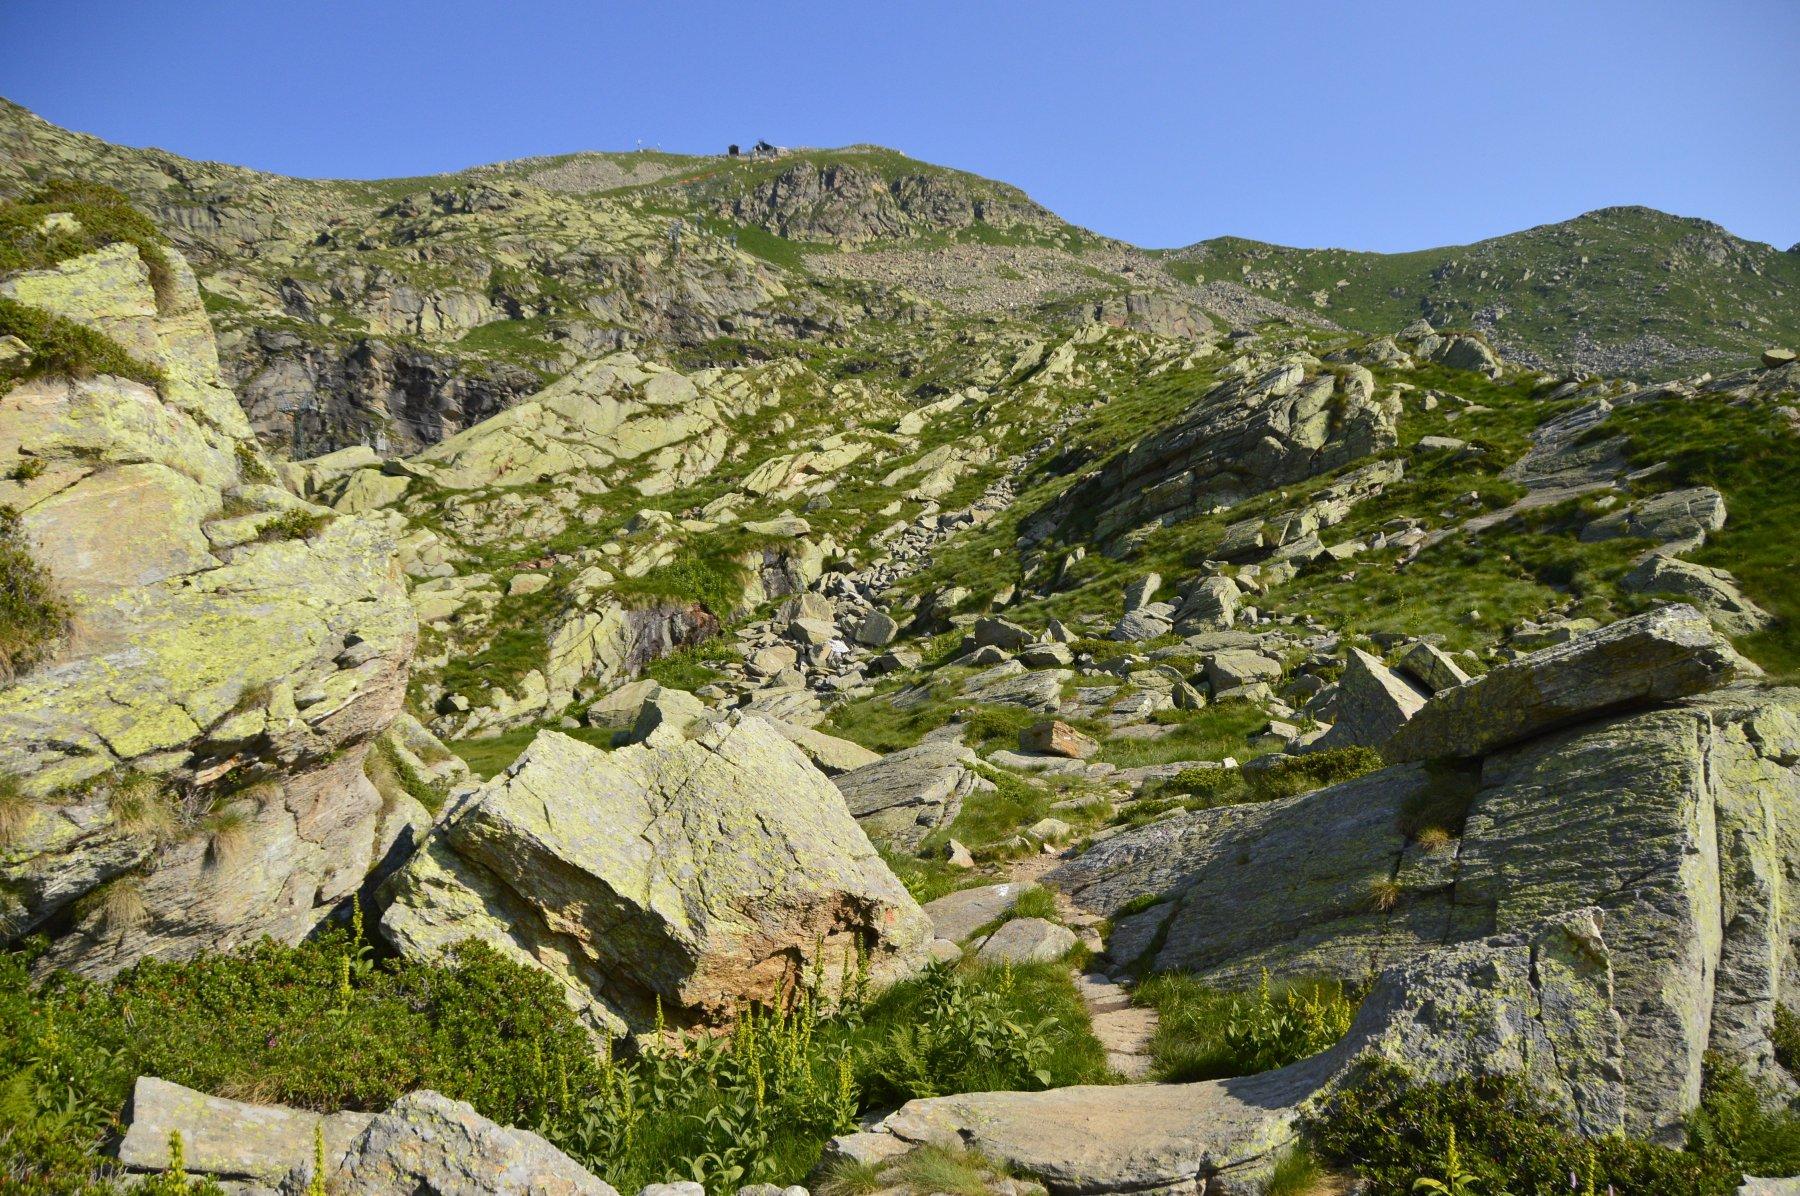 Verso il monte Camino